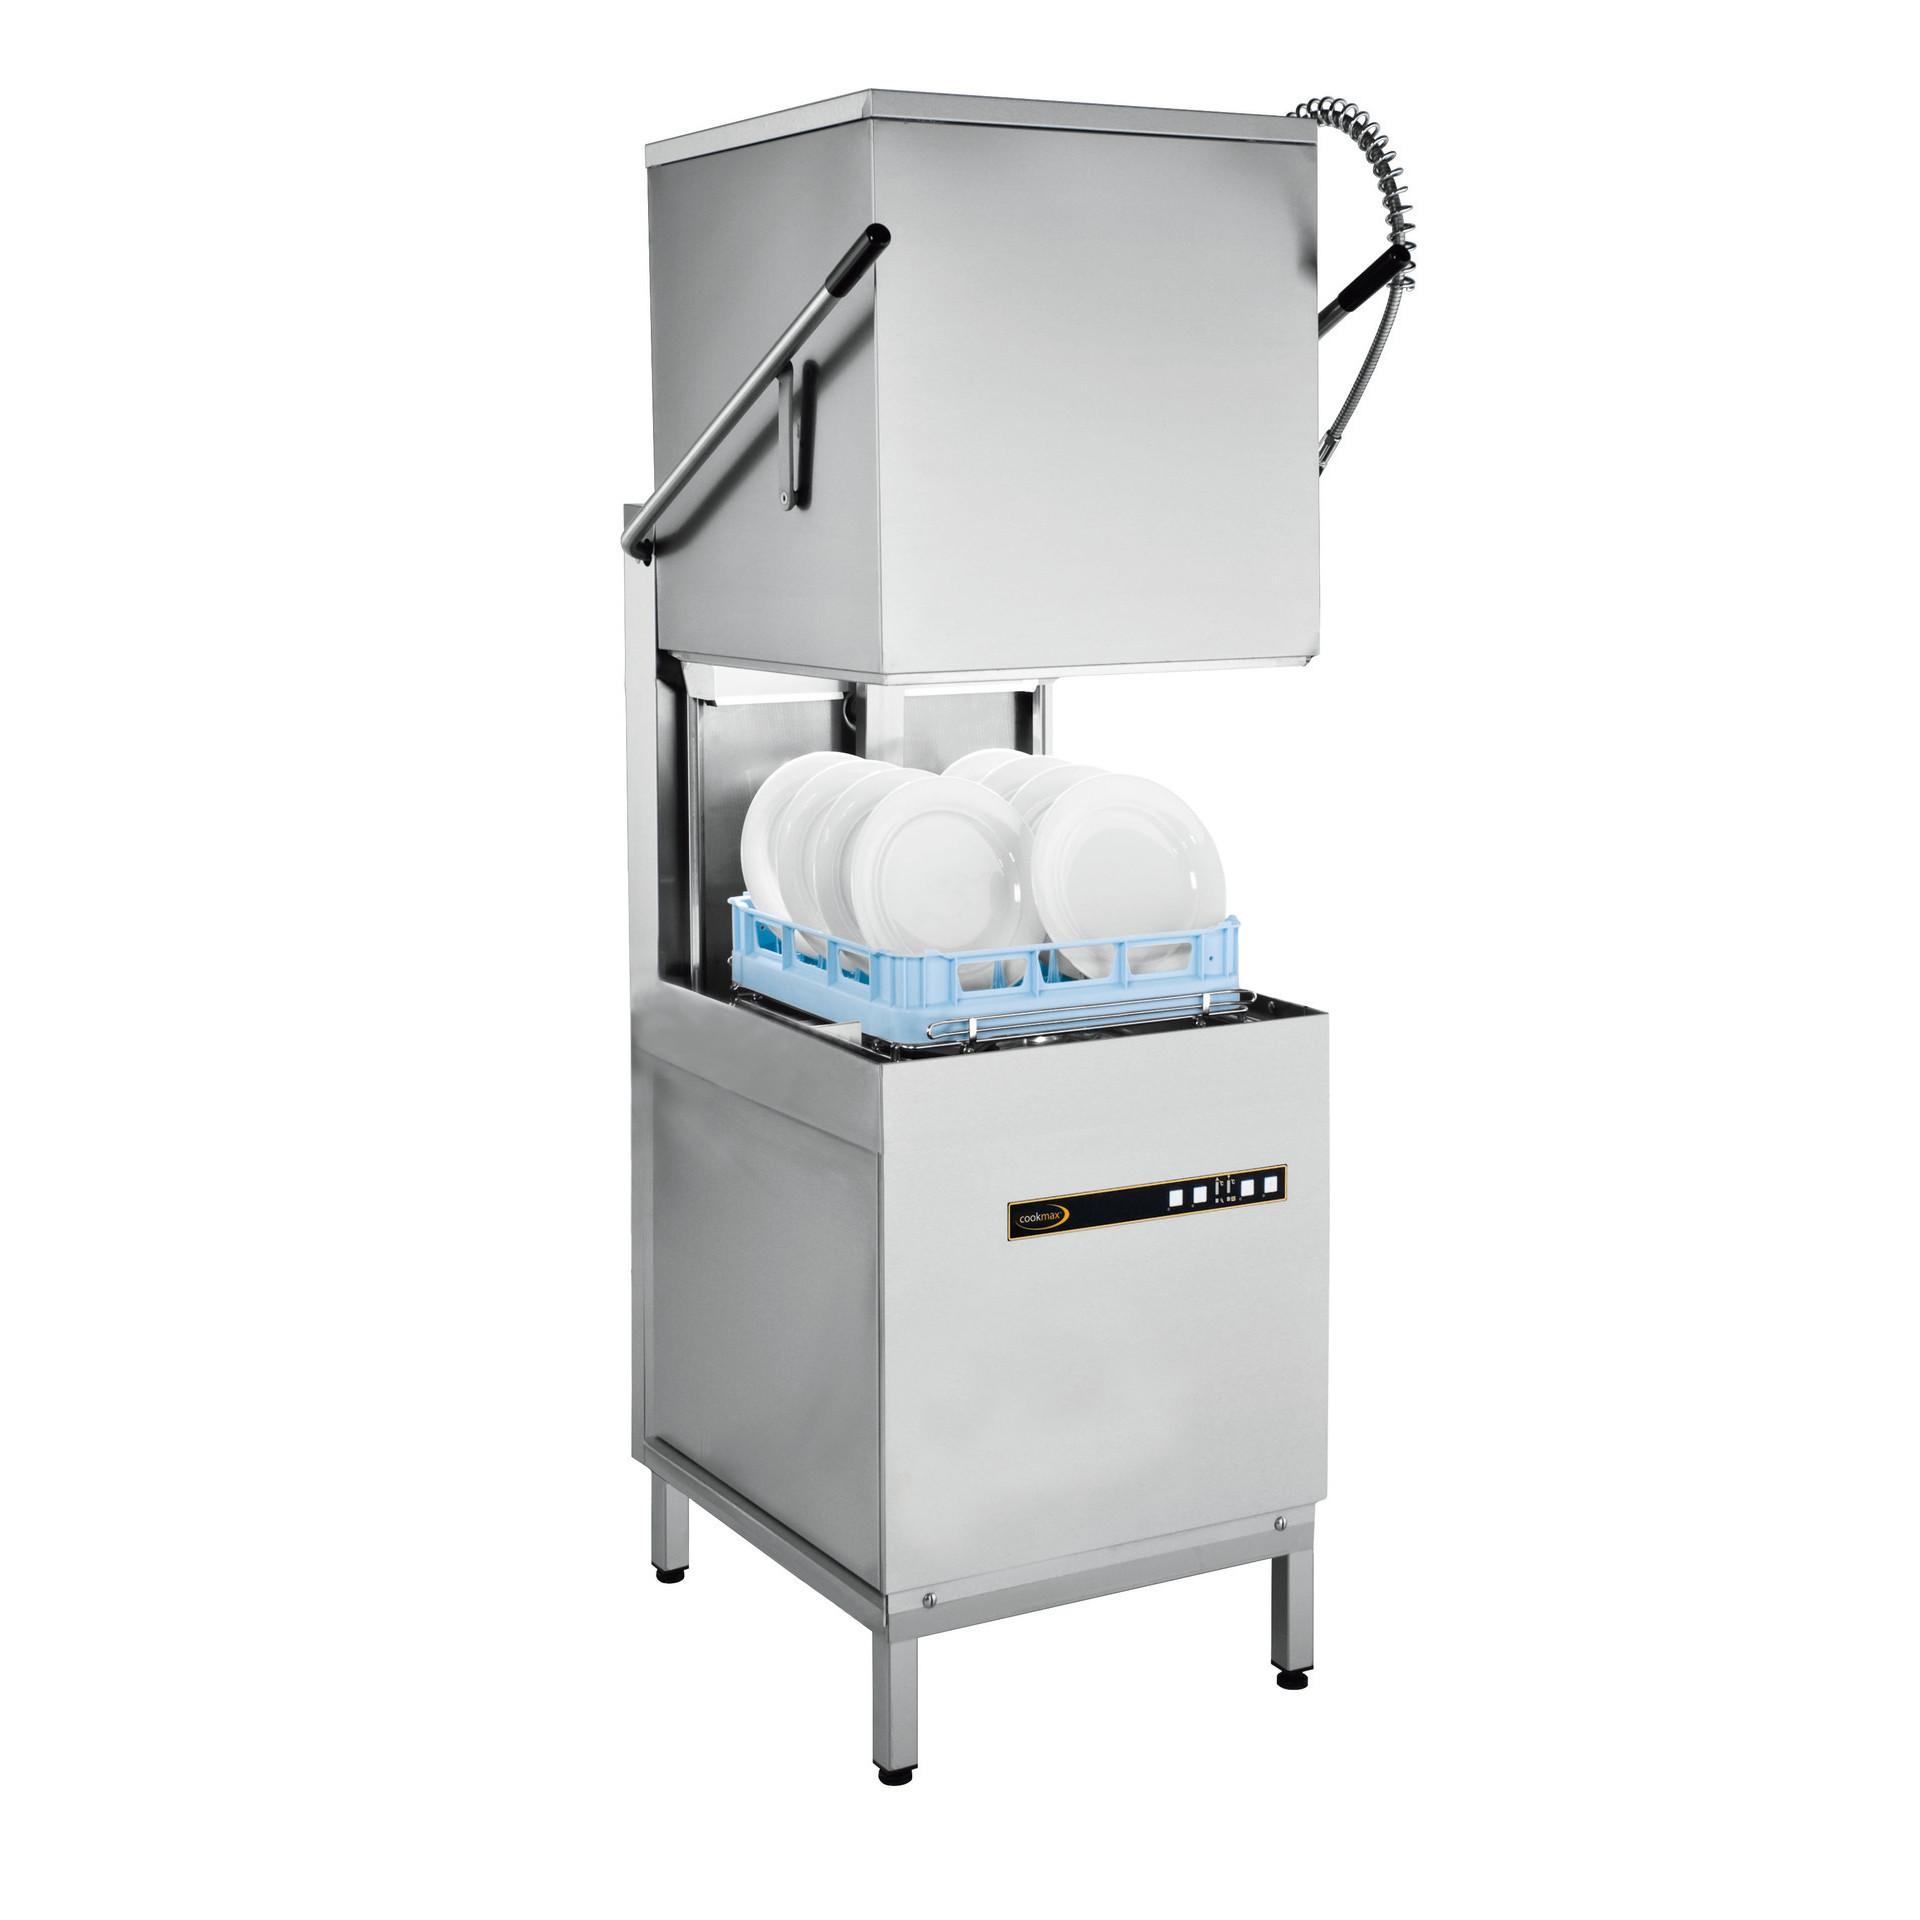 Hauben-Spülmaschine mit Reinigerdosierer Druckpumpe, Ablaufpumpe und Enthärter